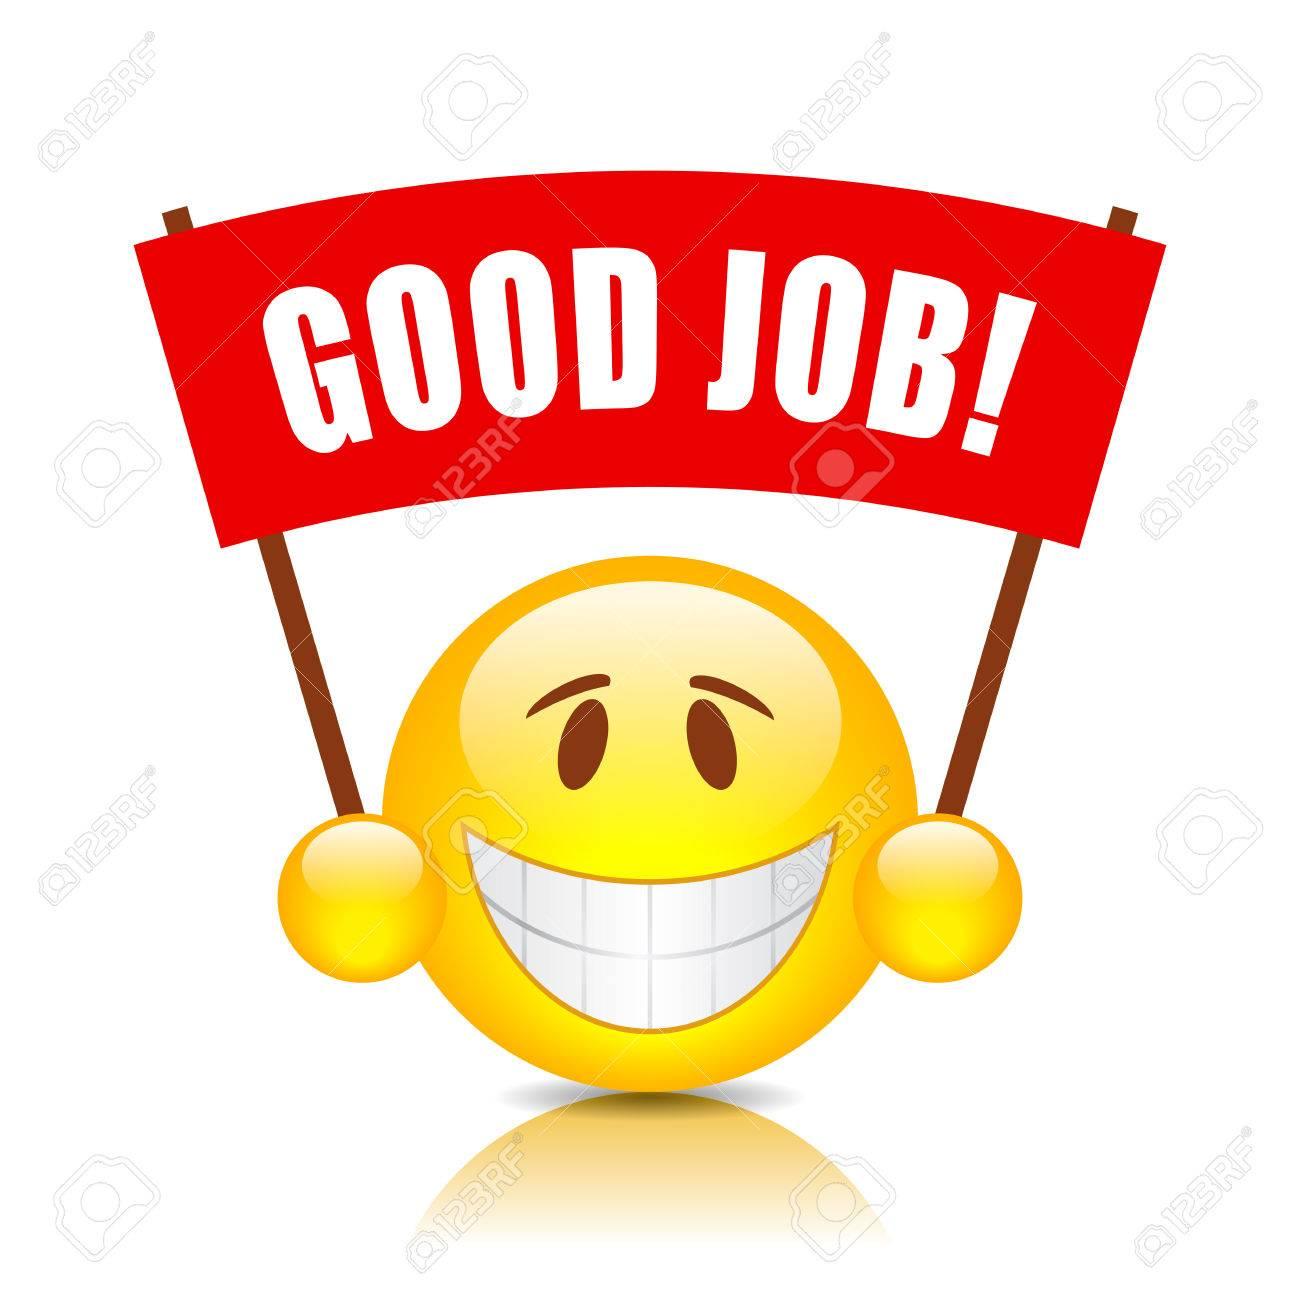 424 Good Job free clipart.